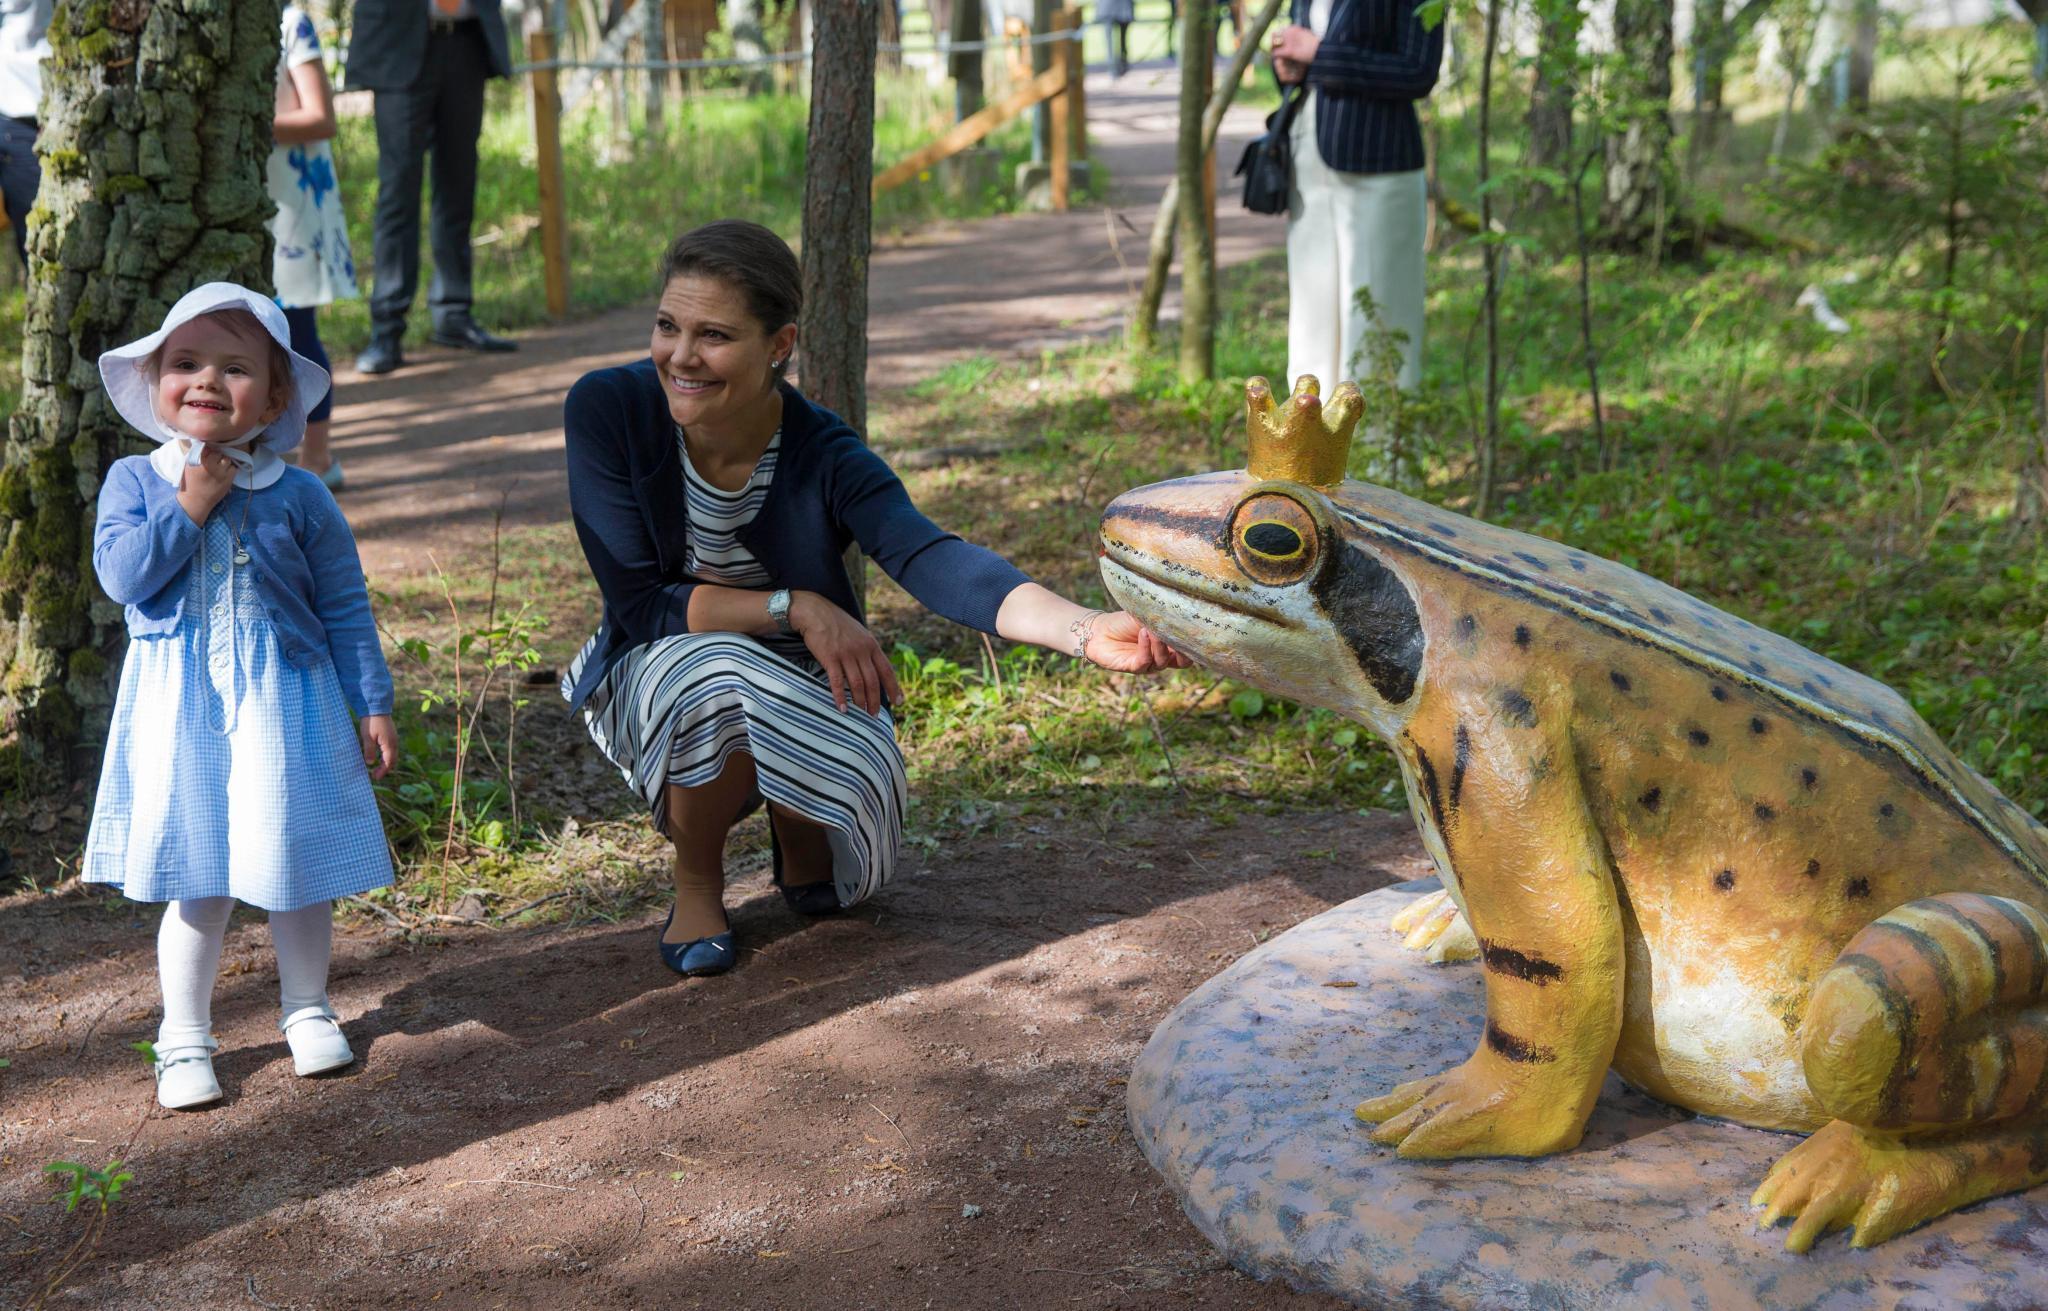 So sah es 2014 aus, als Prinzessin Estelle den Märchenpfad, den sie von Östergötland als Taufgeschenk bekam, eröffnete - den Frosch am Ende des Weges aber nciht küssen wollte.